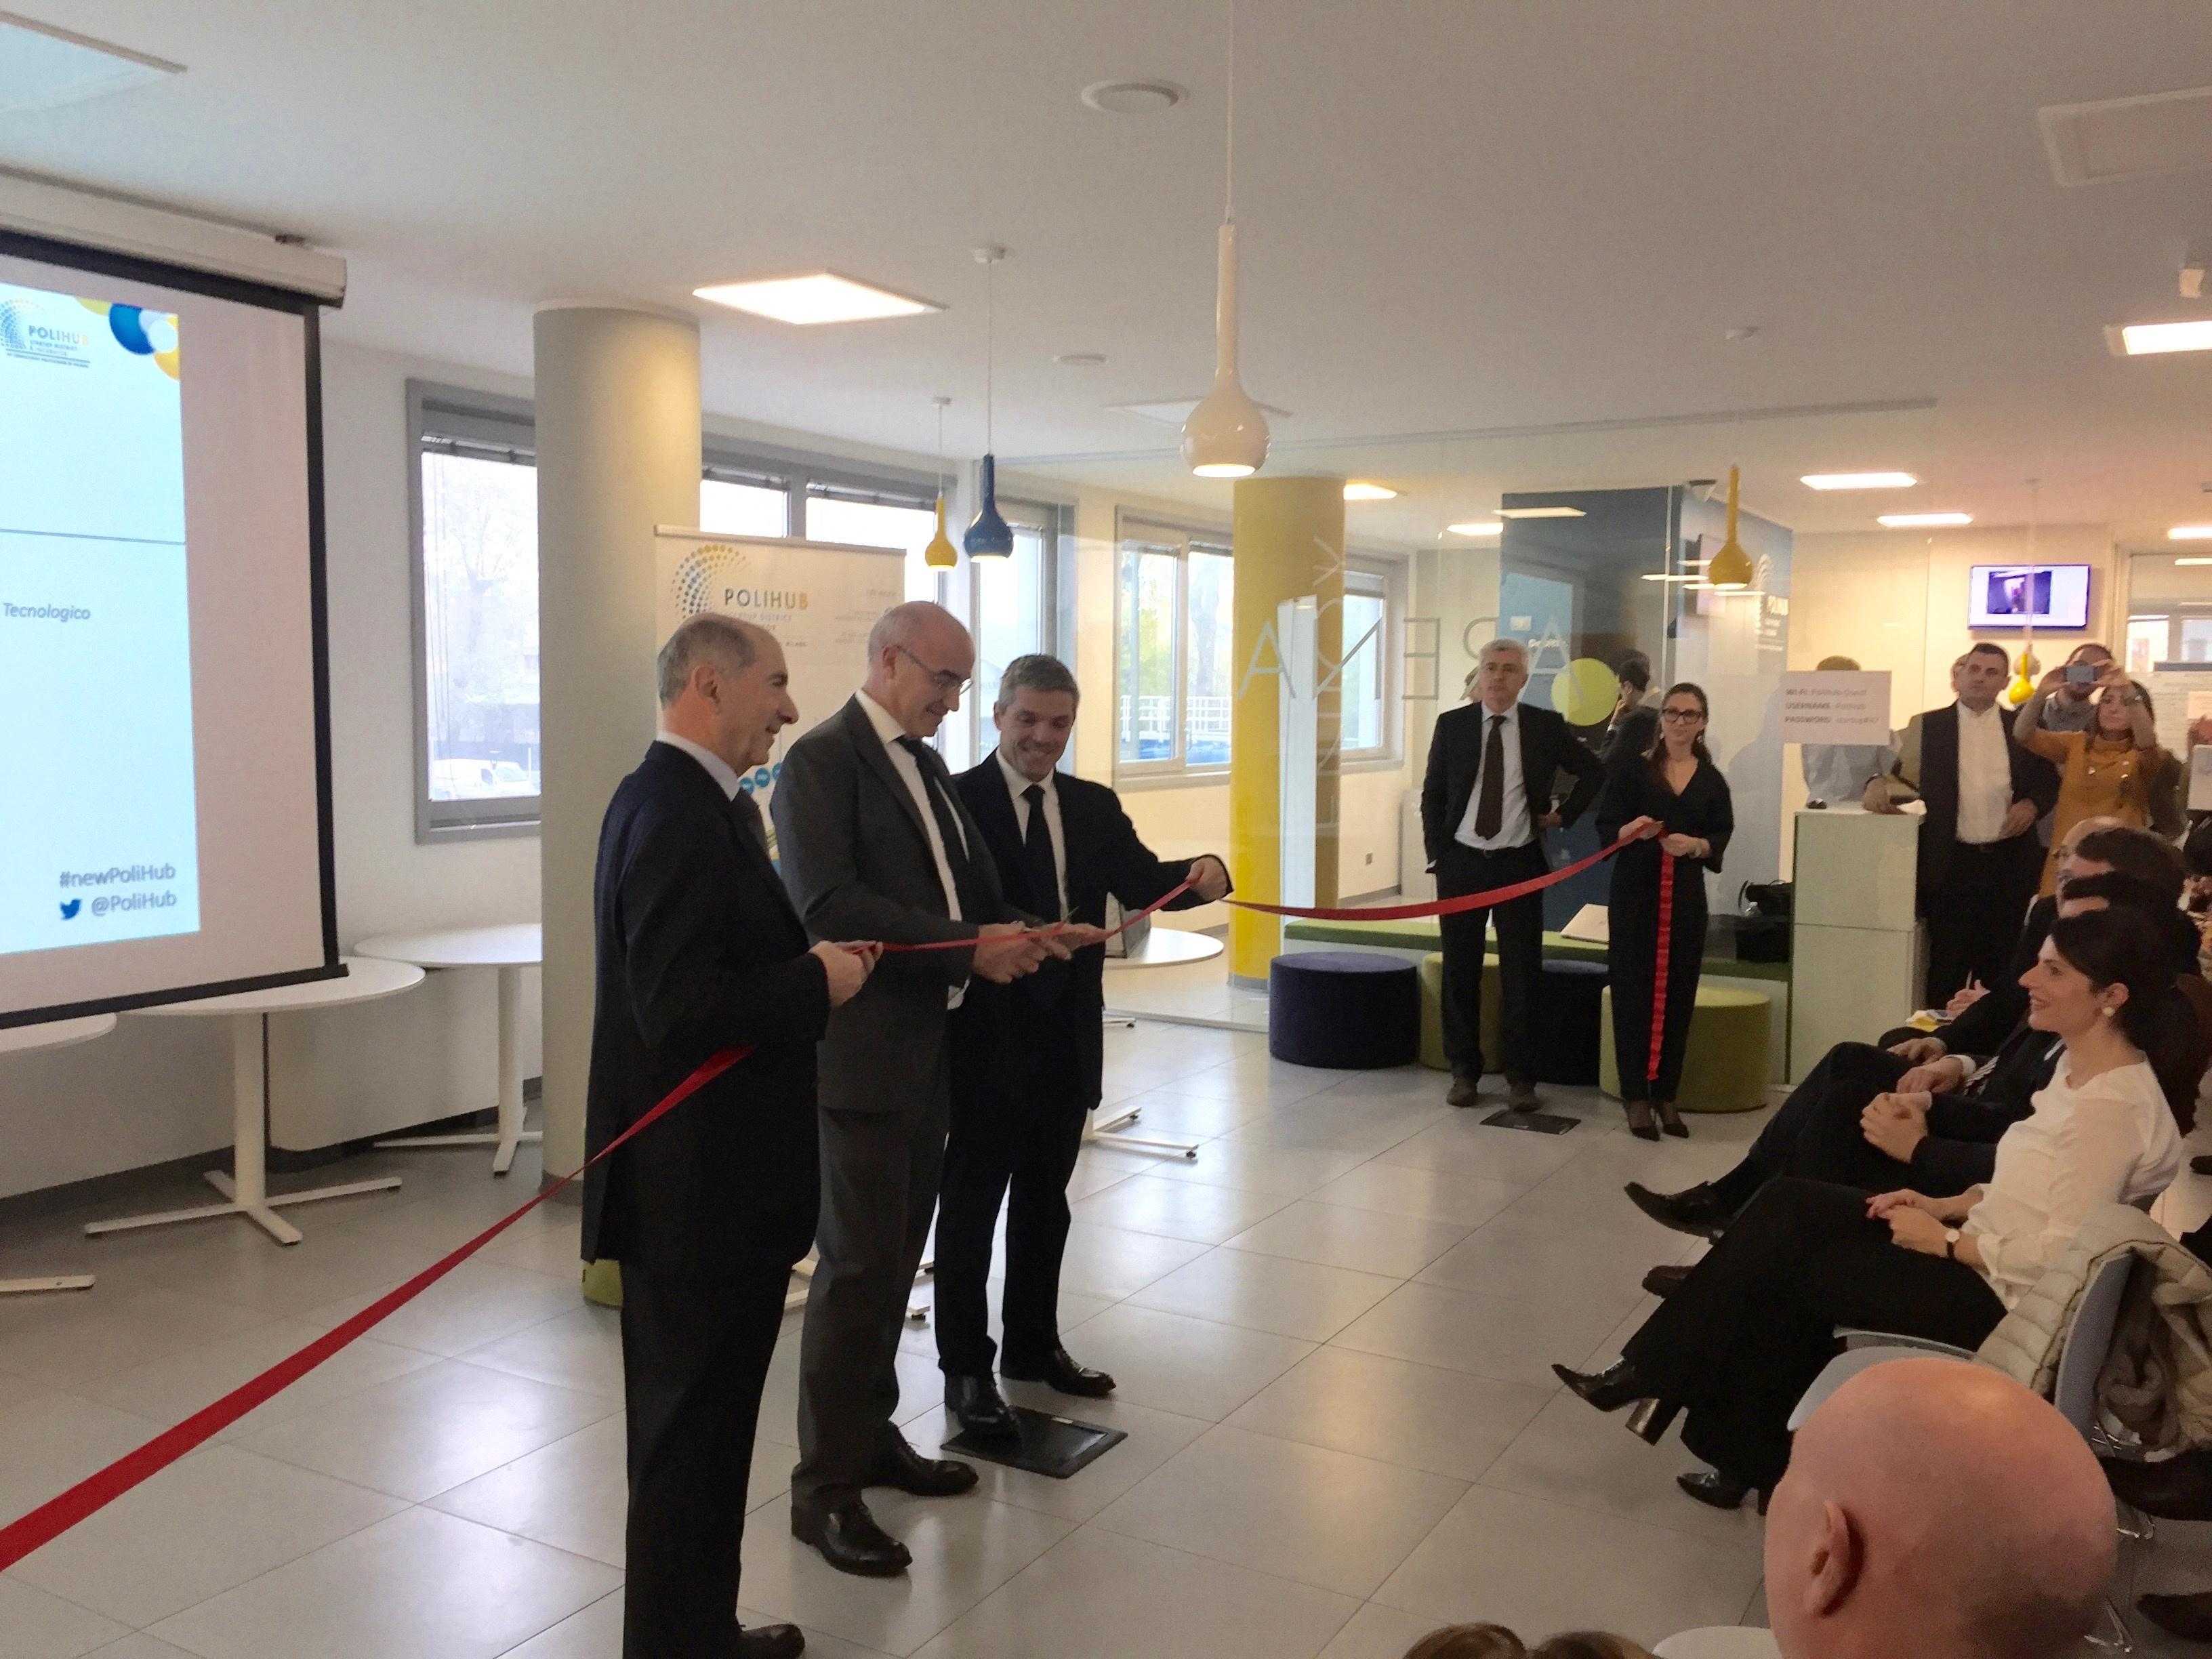 Il taglio del nastro alla cerimonia inaugurale dei nuovi spazi del PoliHub